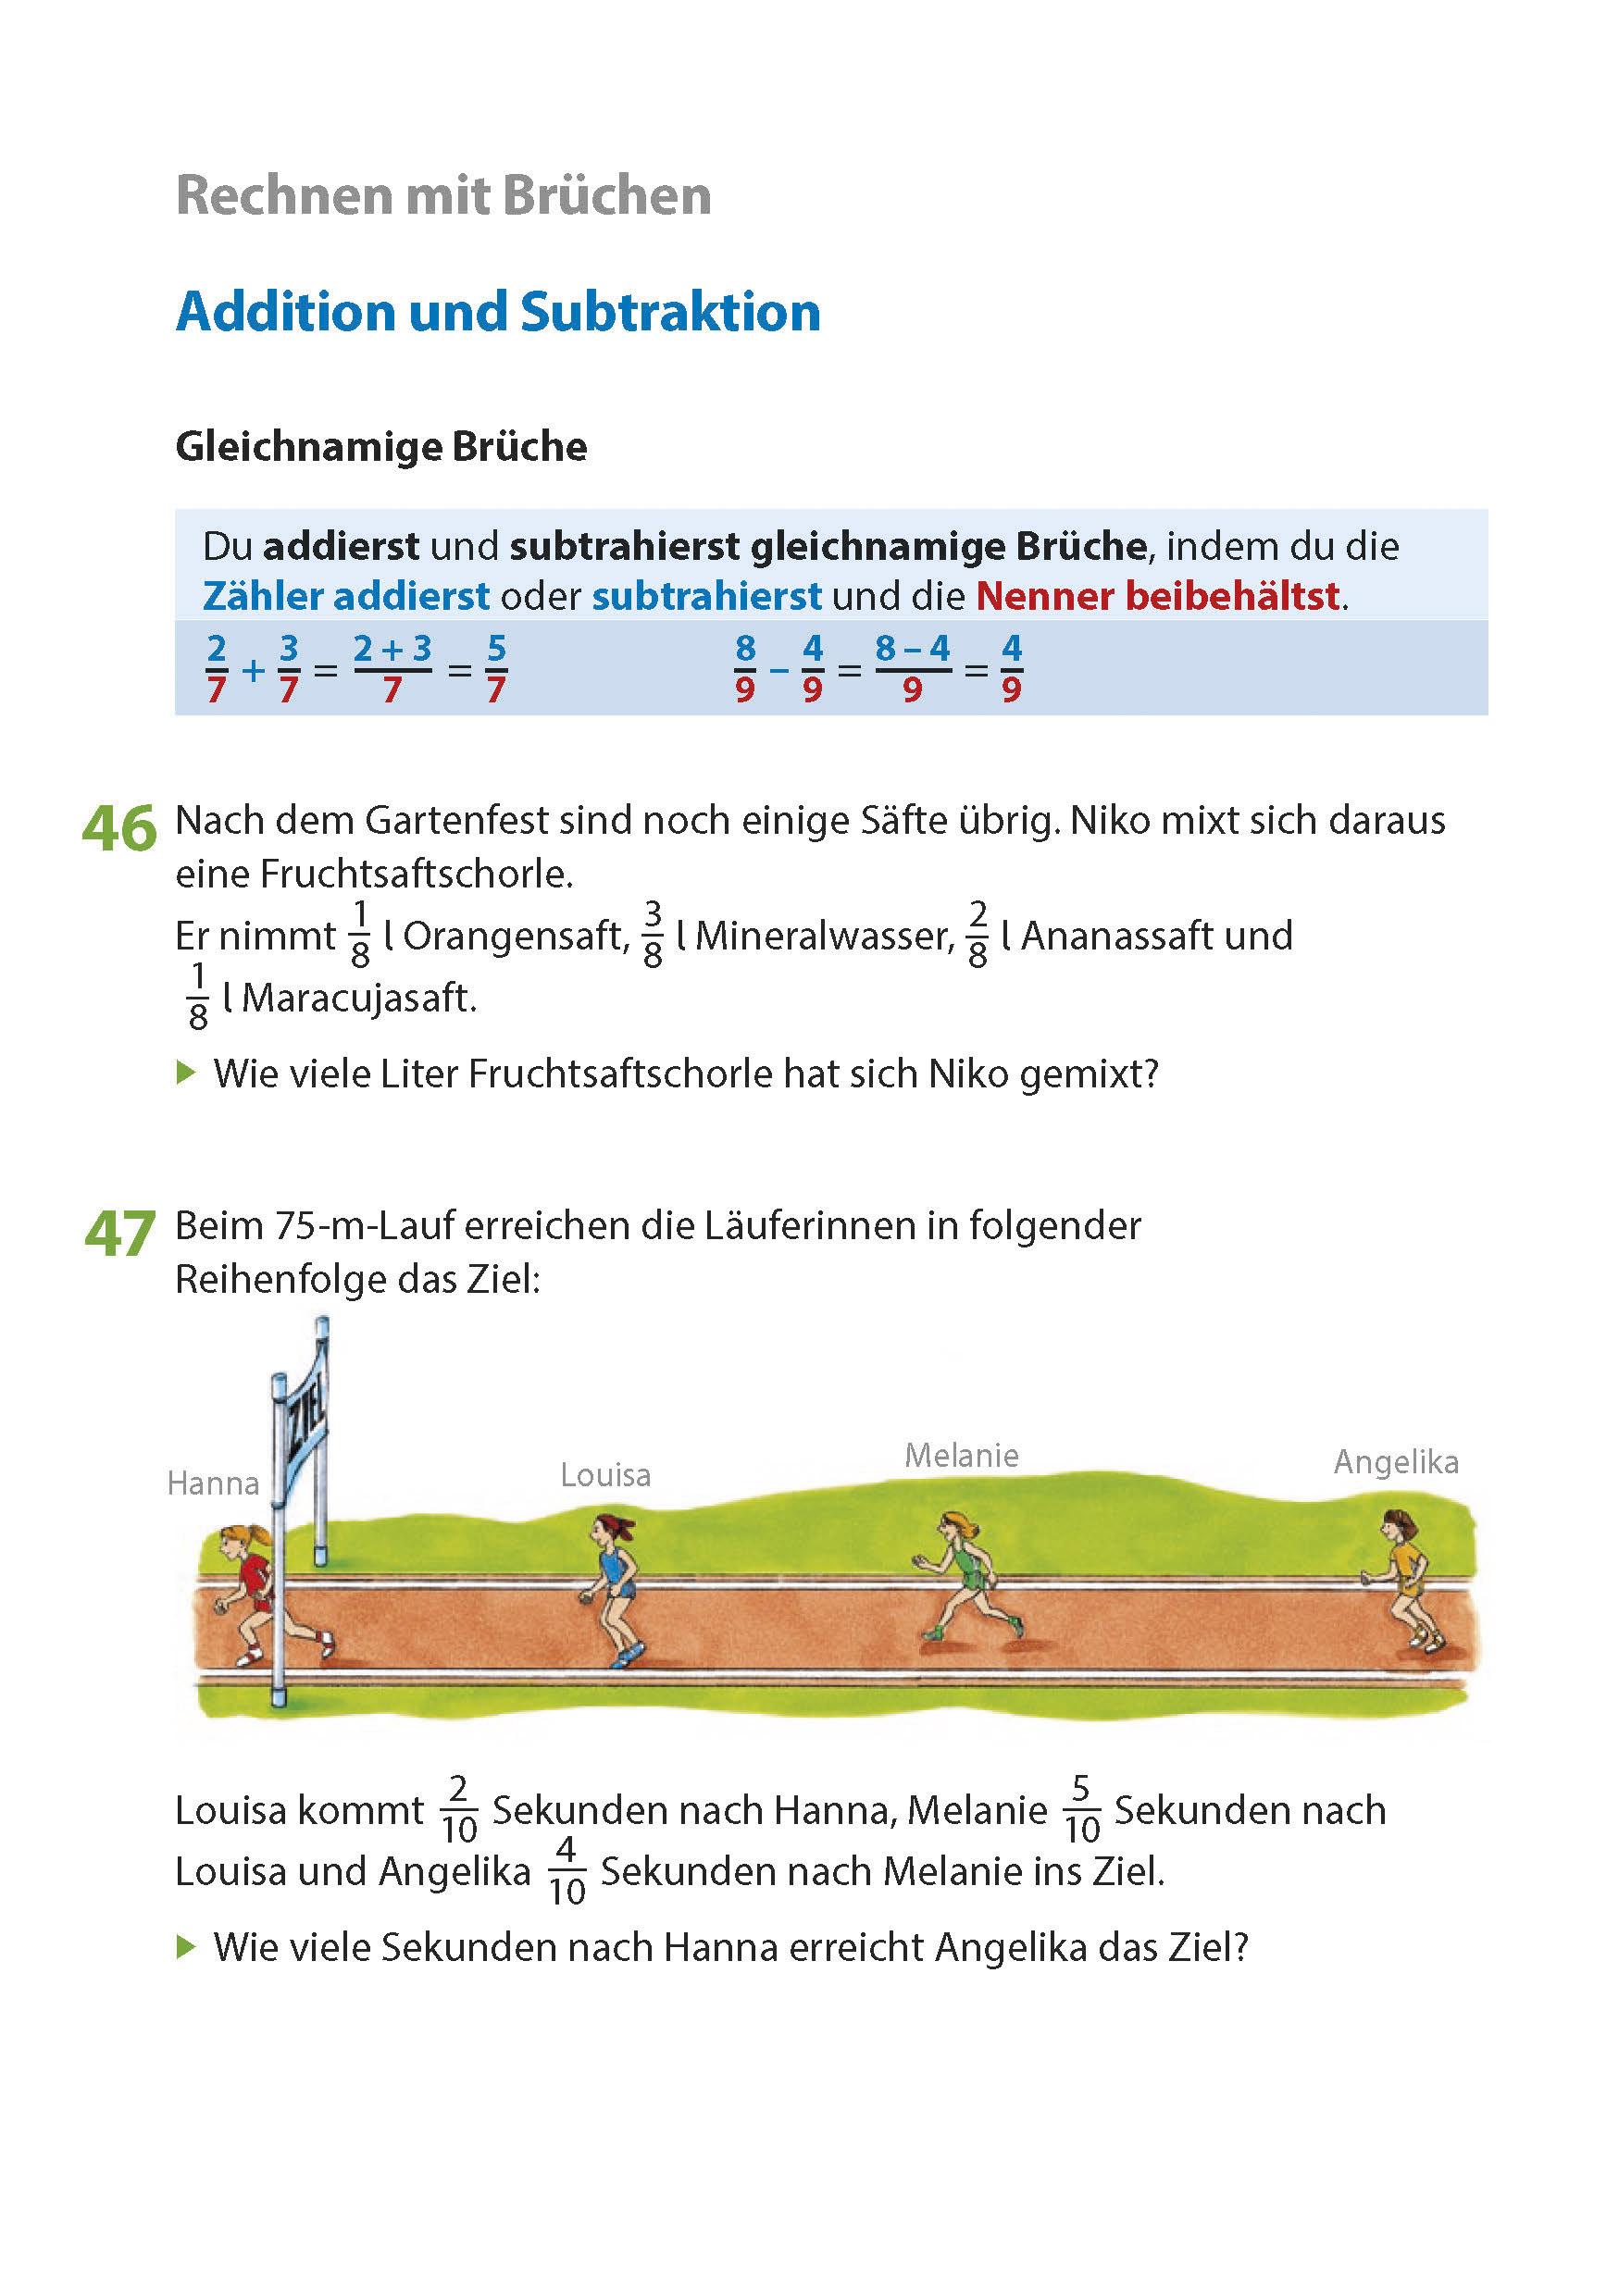 الحدود من المفترض تحسين addition und subtraktion von brüchen ...